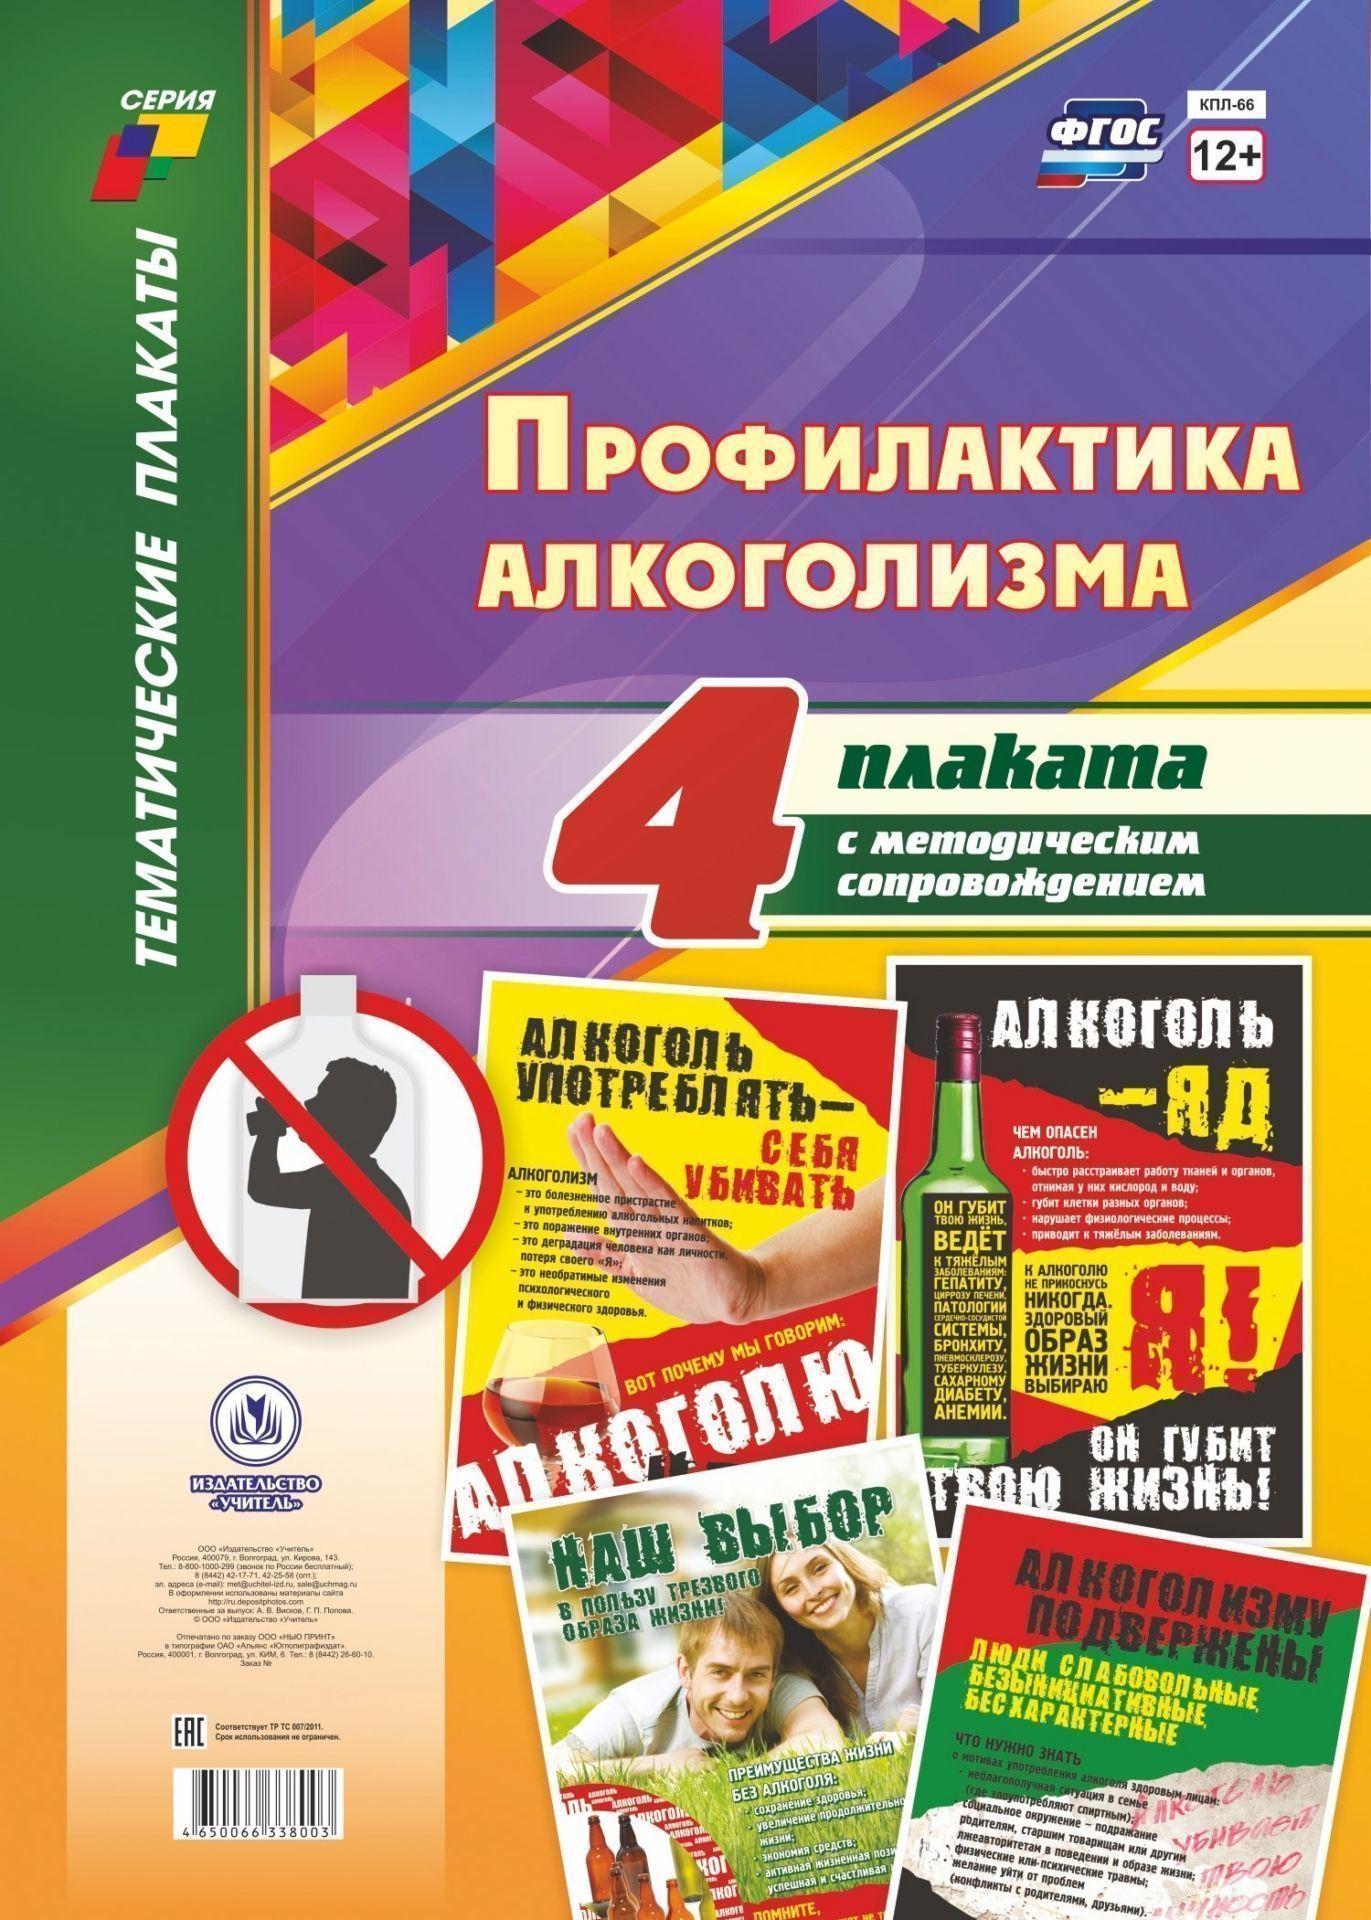 """Комплект плакатов """"Профилактика алкоголизма"""": 4 плаката с методическим сопровождением"""